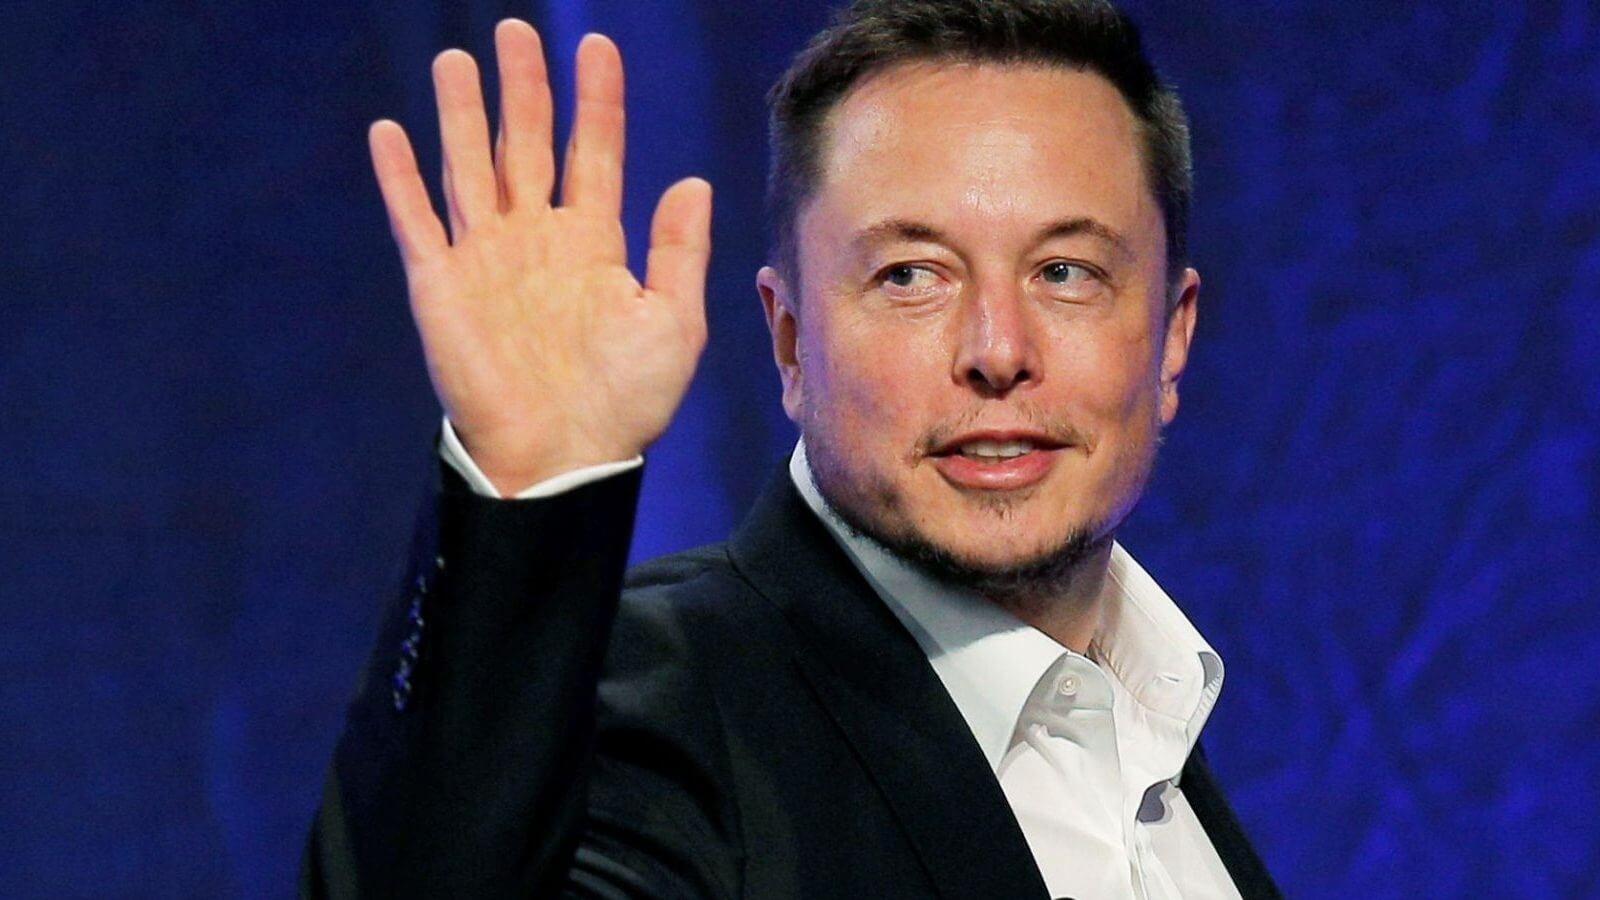 「現實版」鋼鐵人 Elon Musk:比特幣結構卓越,紙幣面臨消失危機